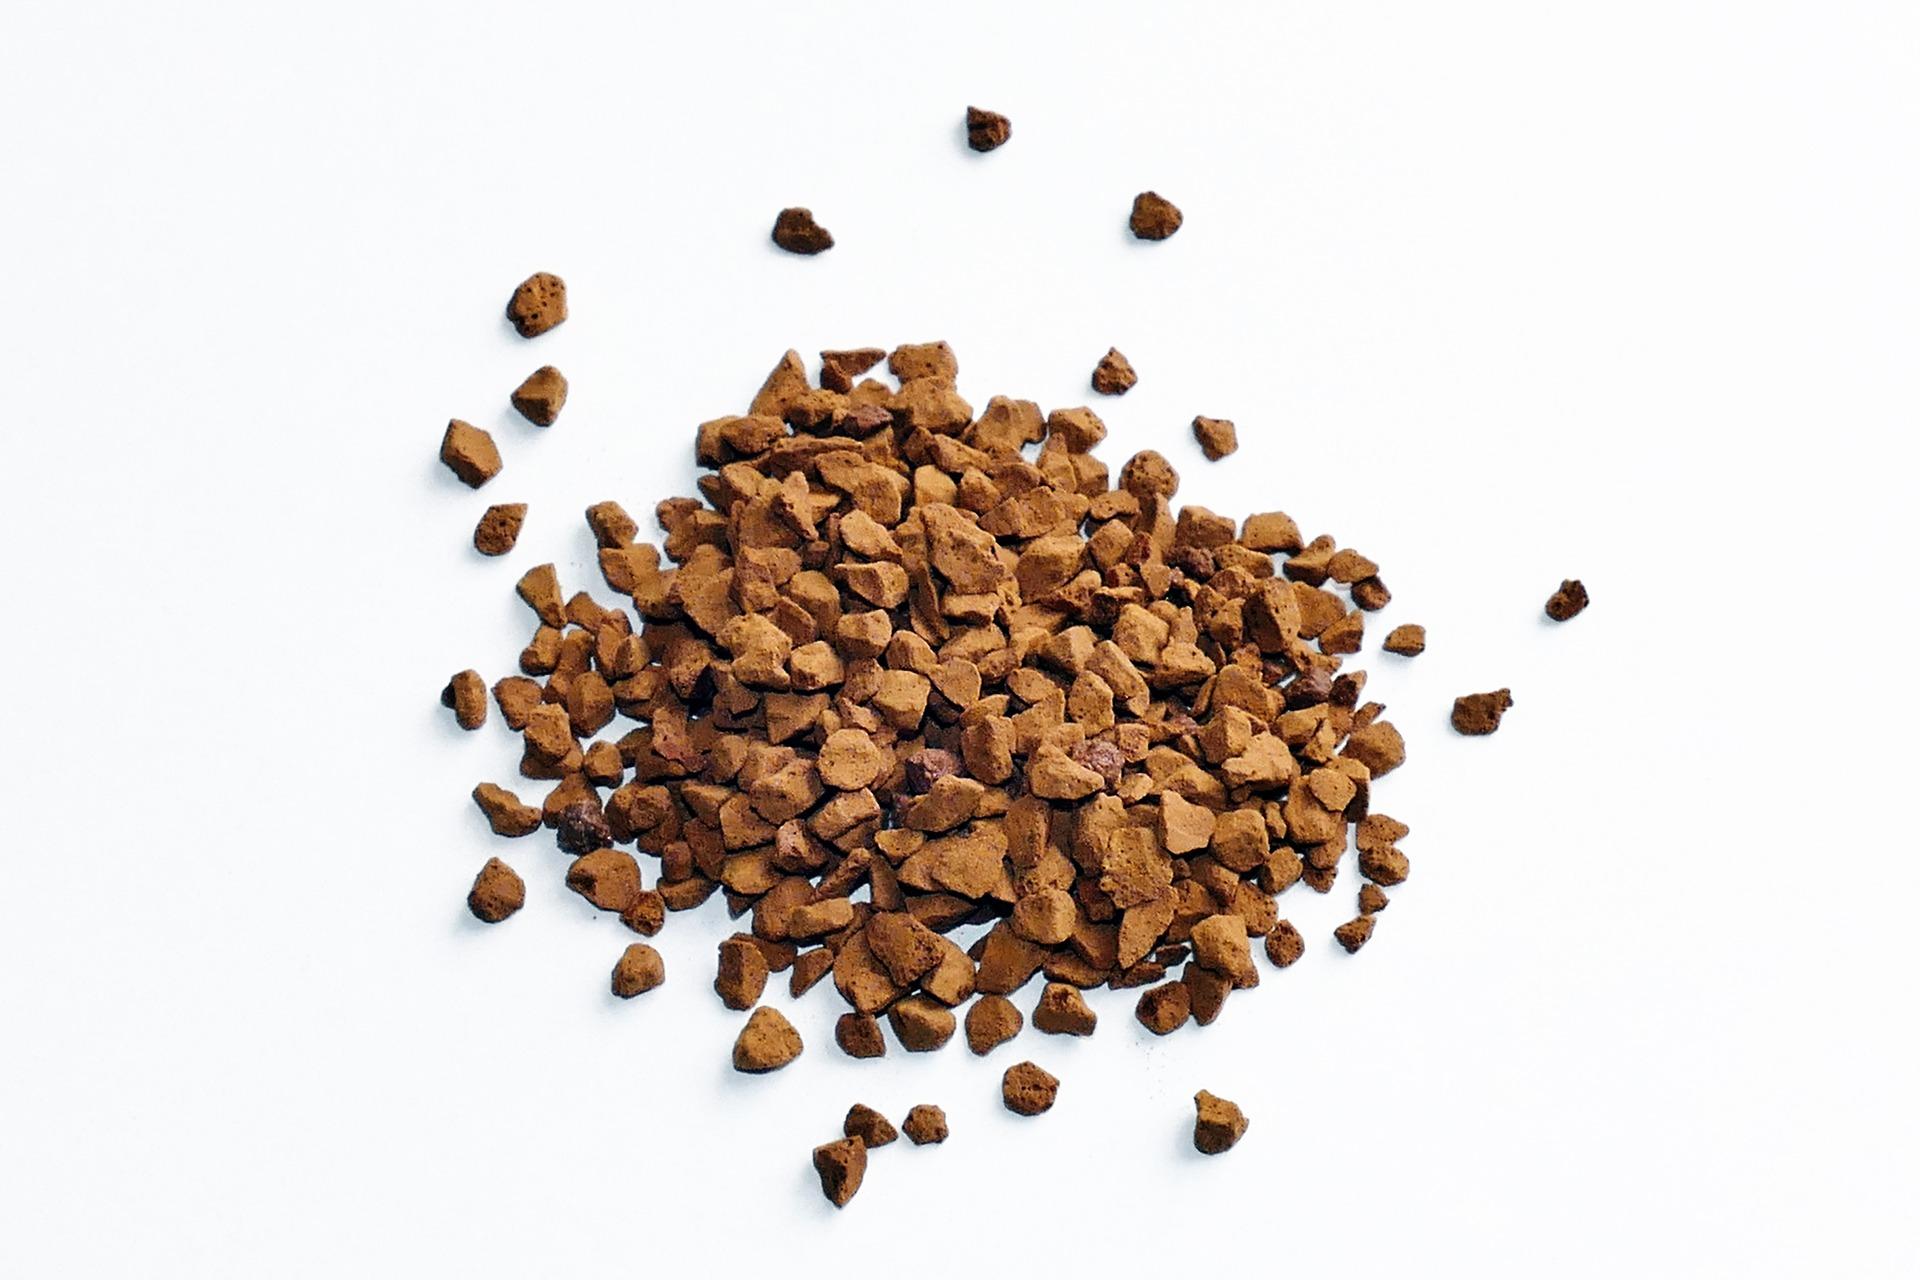 Купити розчинну ароматизовану каву від компанії Leader Coffee